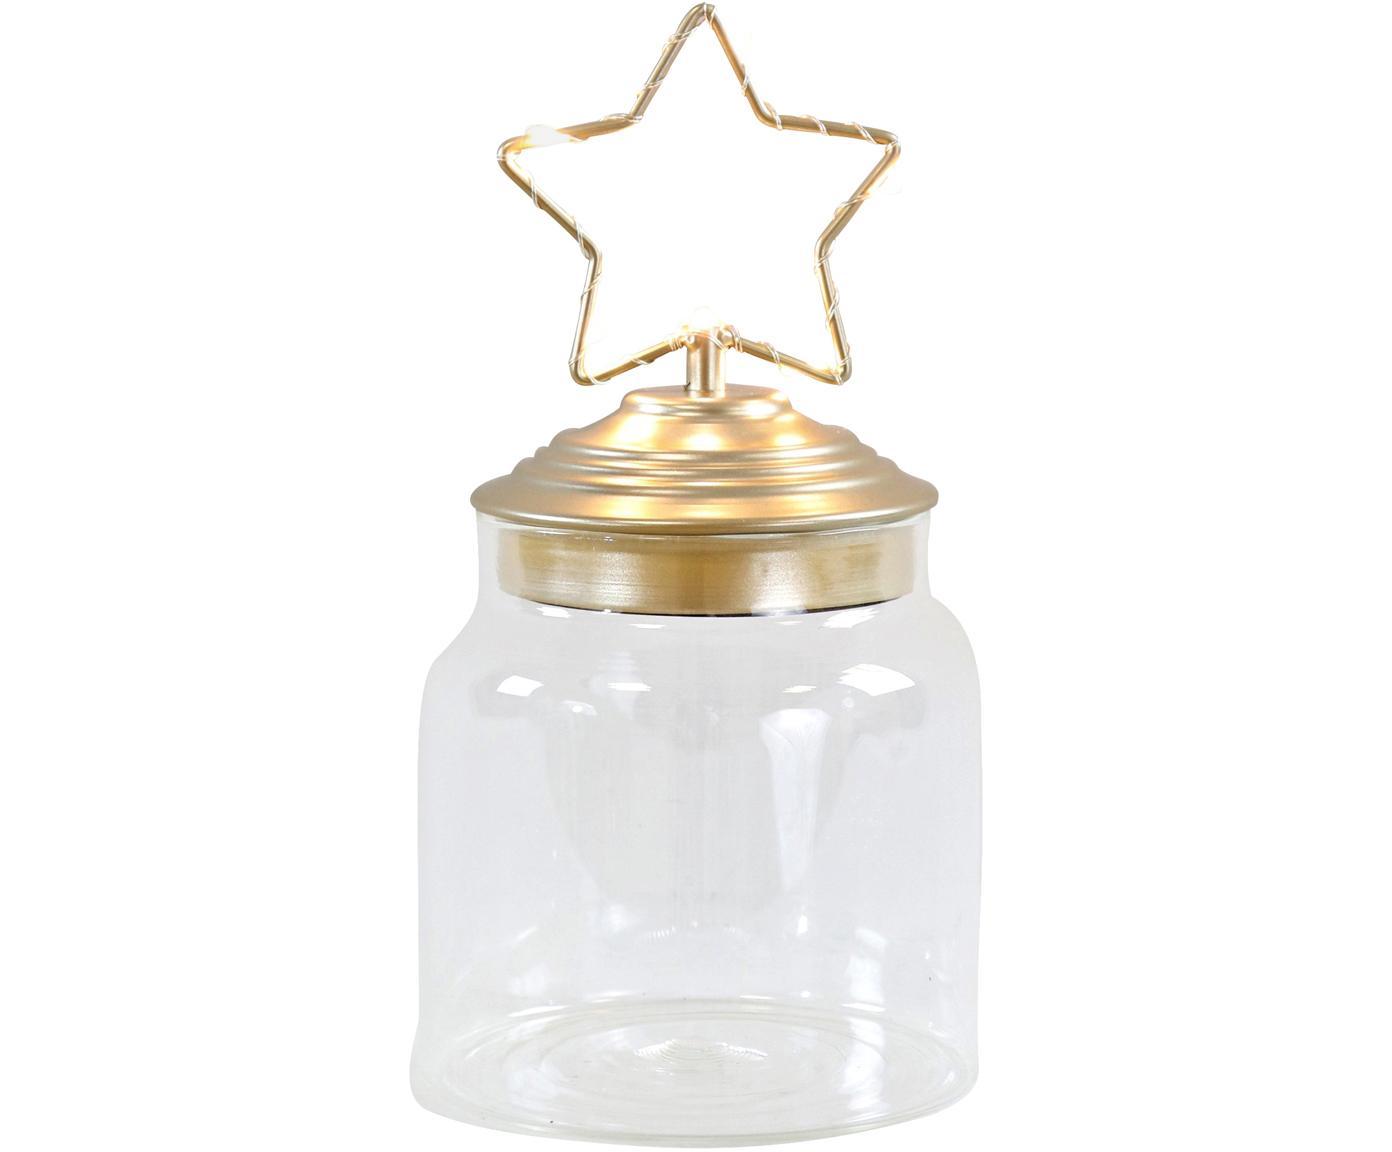 LED Aufbewahrungsdose Star, Dose: Glas, Deckel: Metall, beschichtet, Transparent, Goldfarben, Ø 11 x H 15 cm